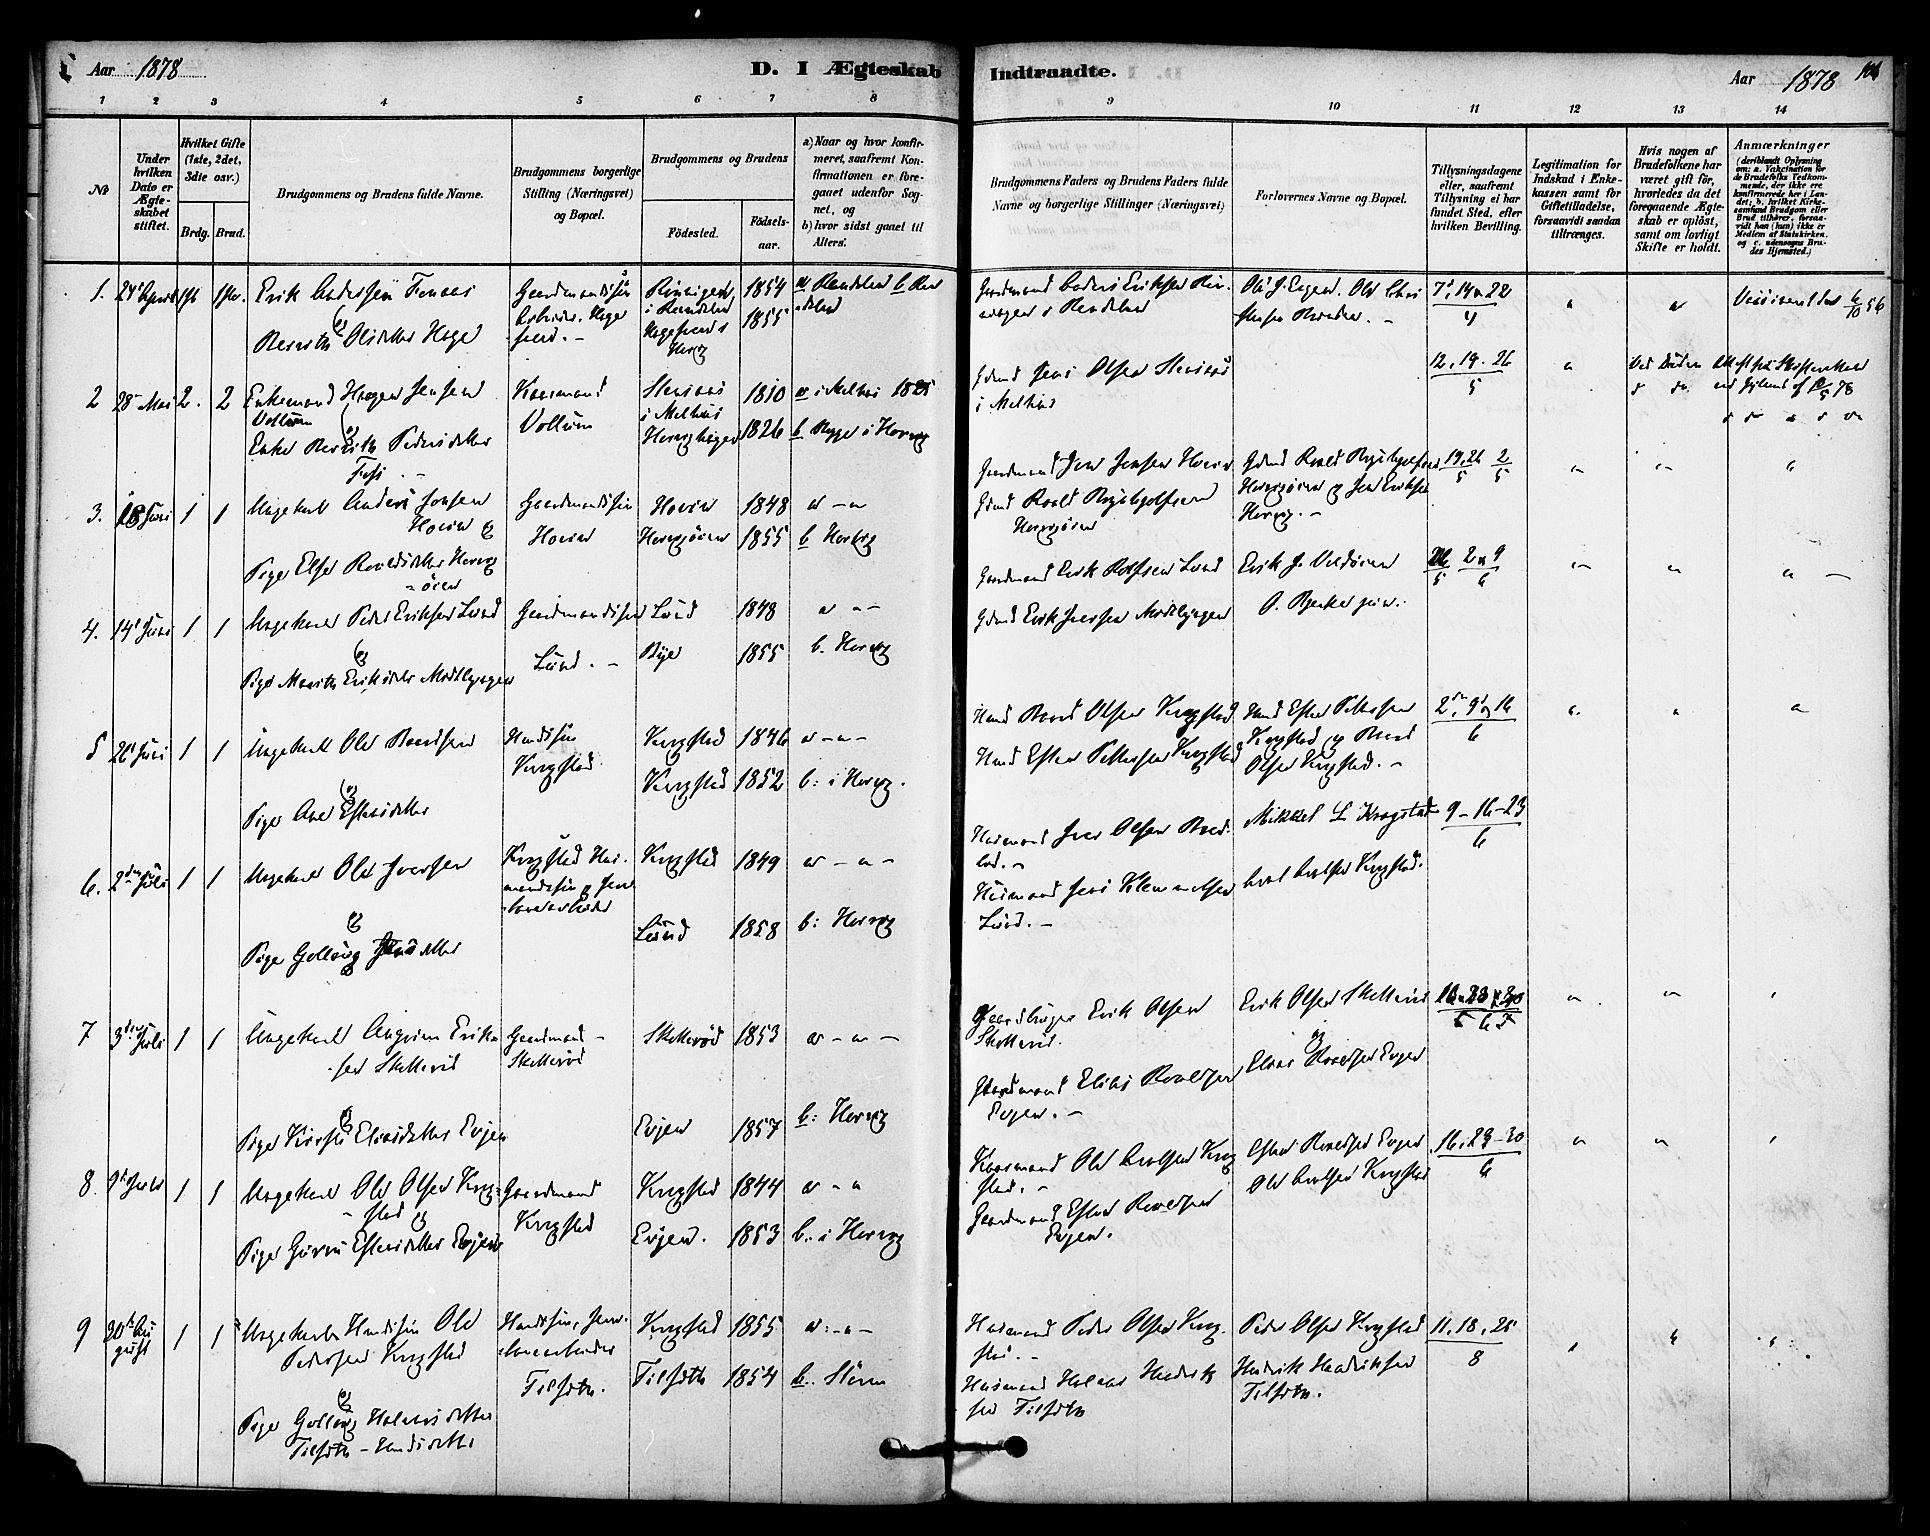 SAT, Ministerialprotokoller, klokkerbøker og fødselsregistre - Sør-Trøndelag, 692/L1105: Ministerialbok nr. 692A05, 1878-1890, s. 106